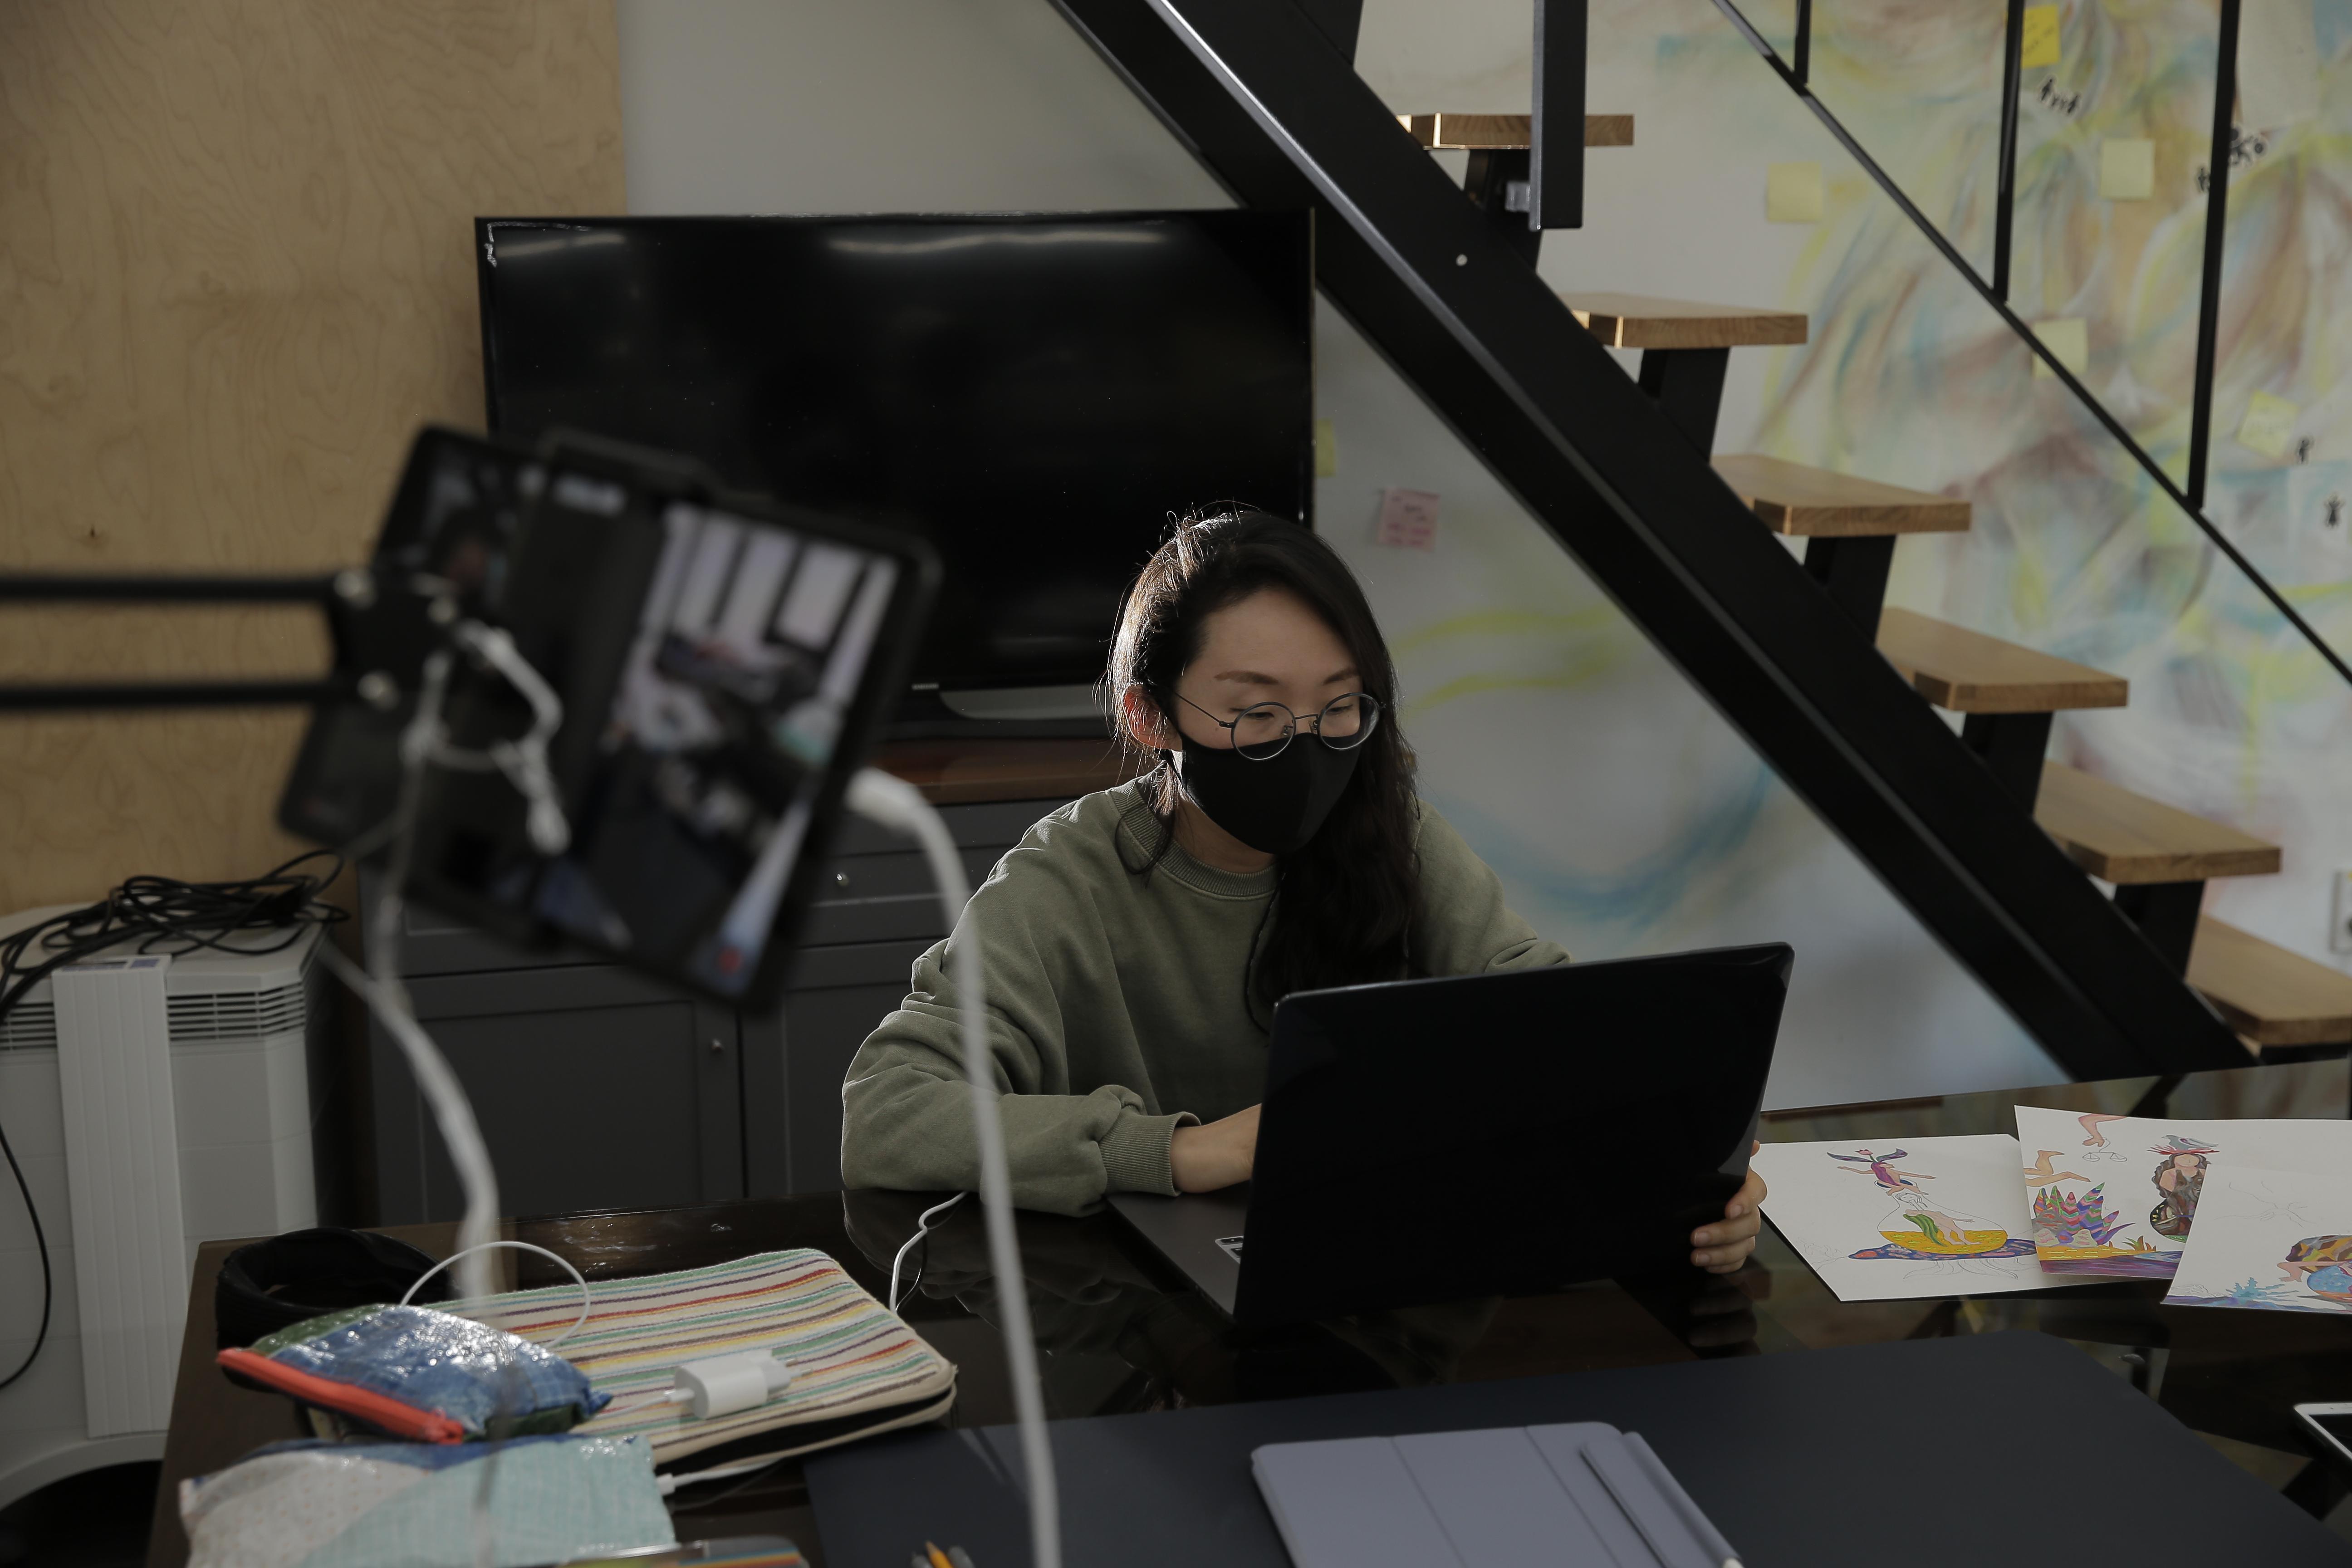 이승연 작가는 아티스트 캔버스를 통해 작업을 송출하고 있다. | 사진: 김경채